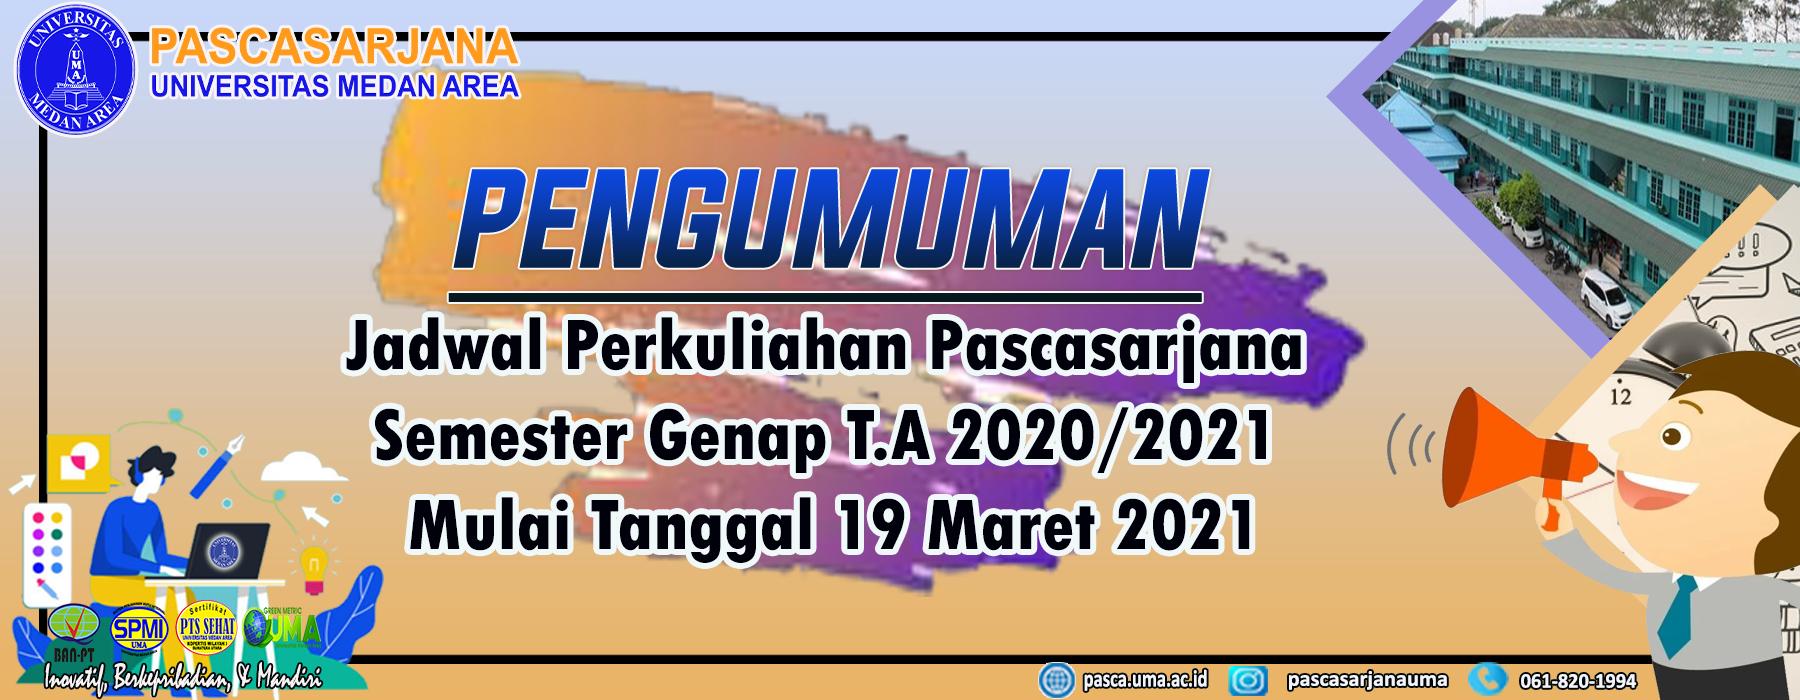 MASUK SEMESTER GENAP 2020/2021